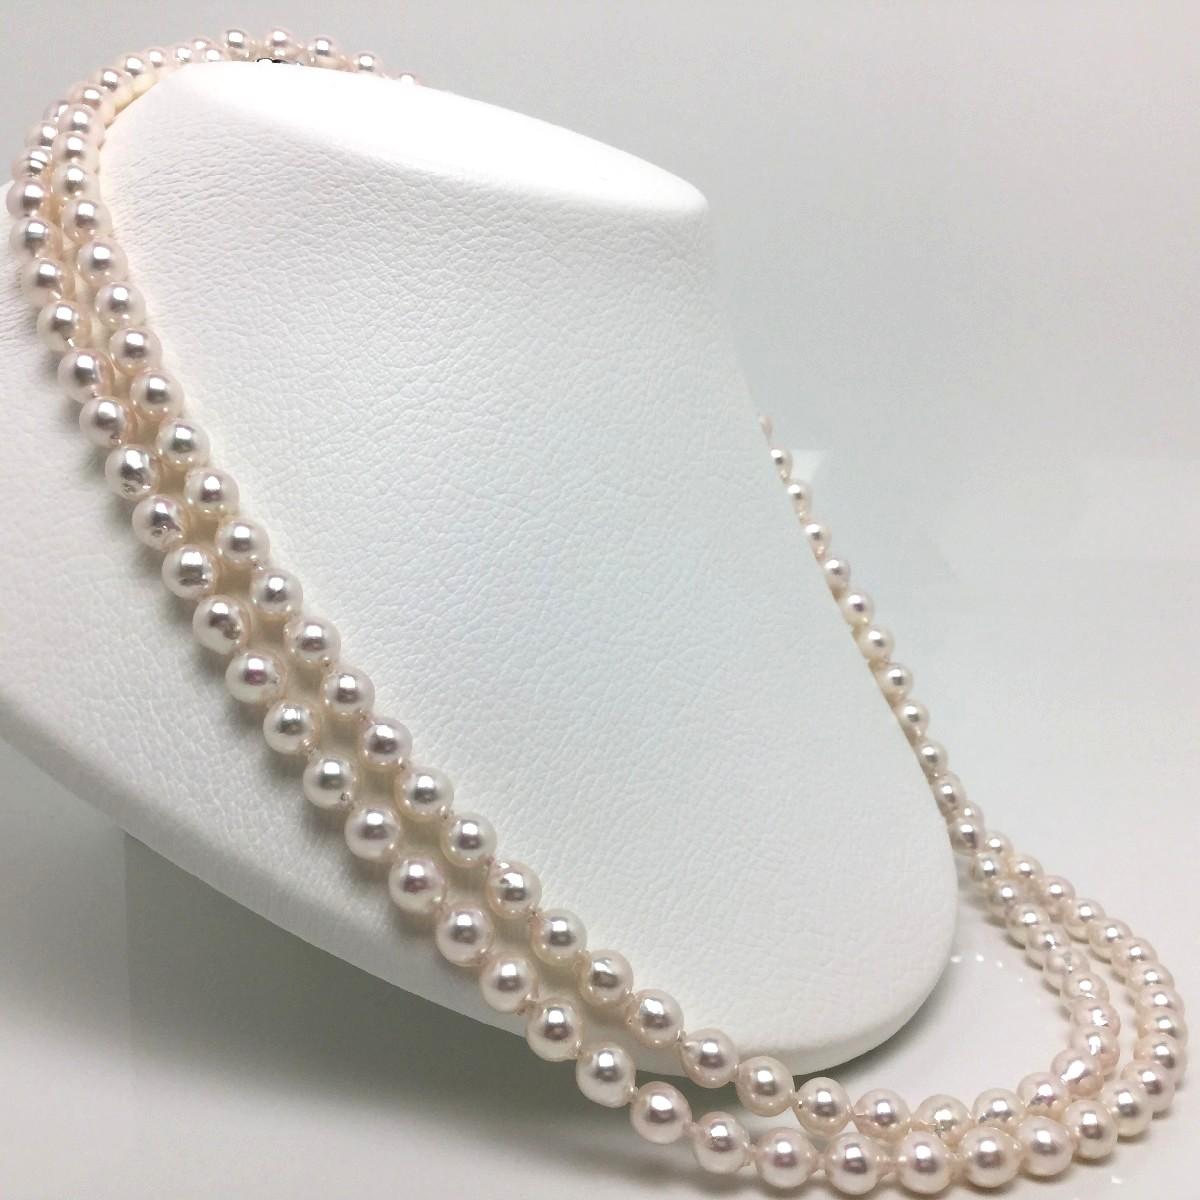 真珠 ネックレス パール アコヤ真珠 ロング 7.0-7.5mm ホワイトピンク シルバー クラスップ 65435 イソワパール